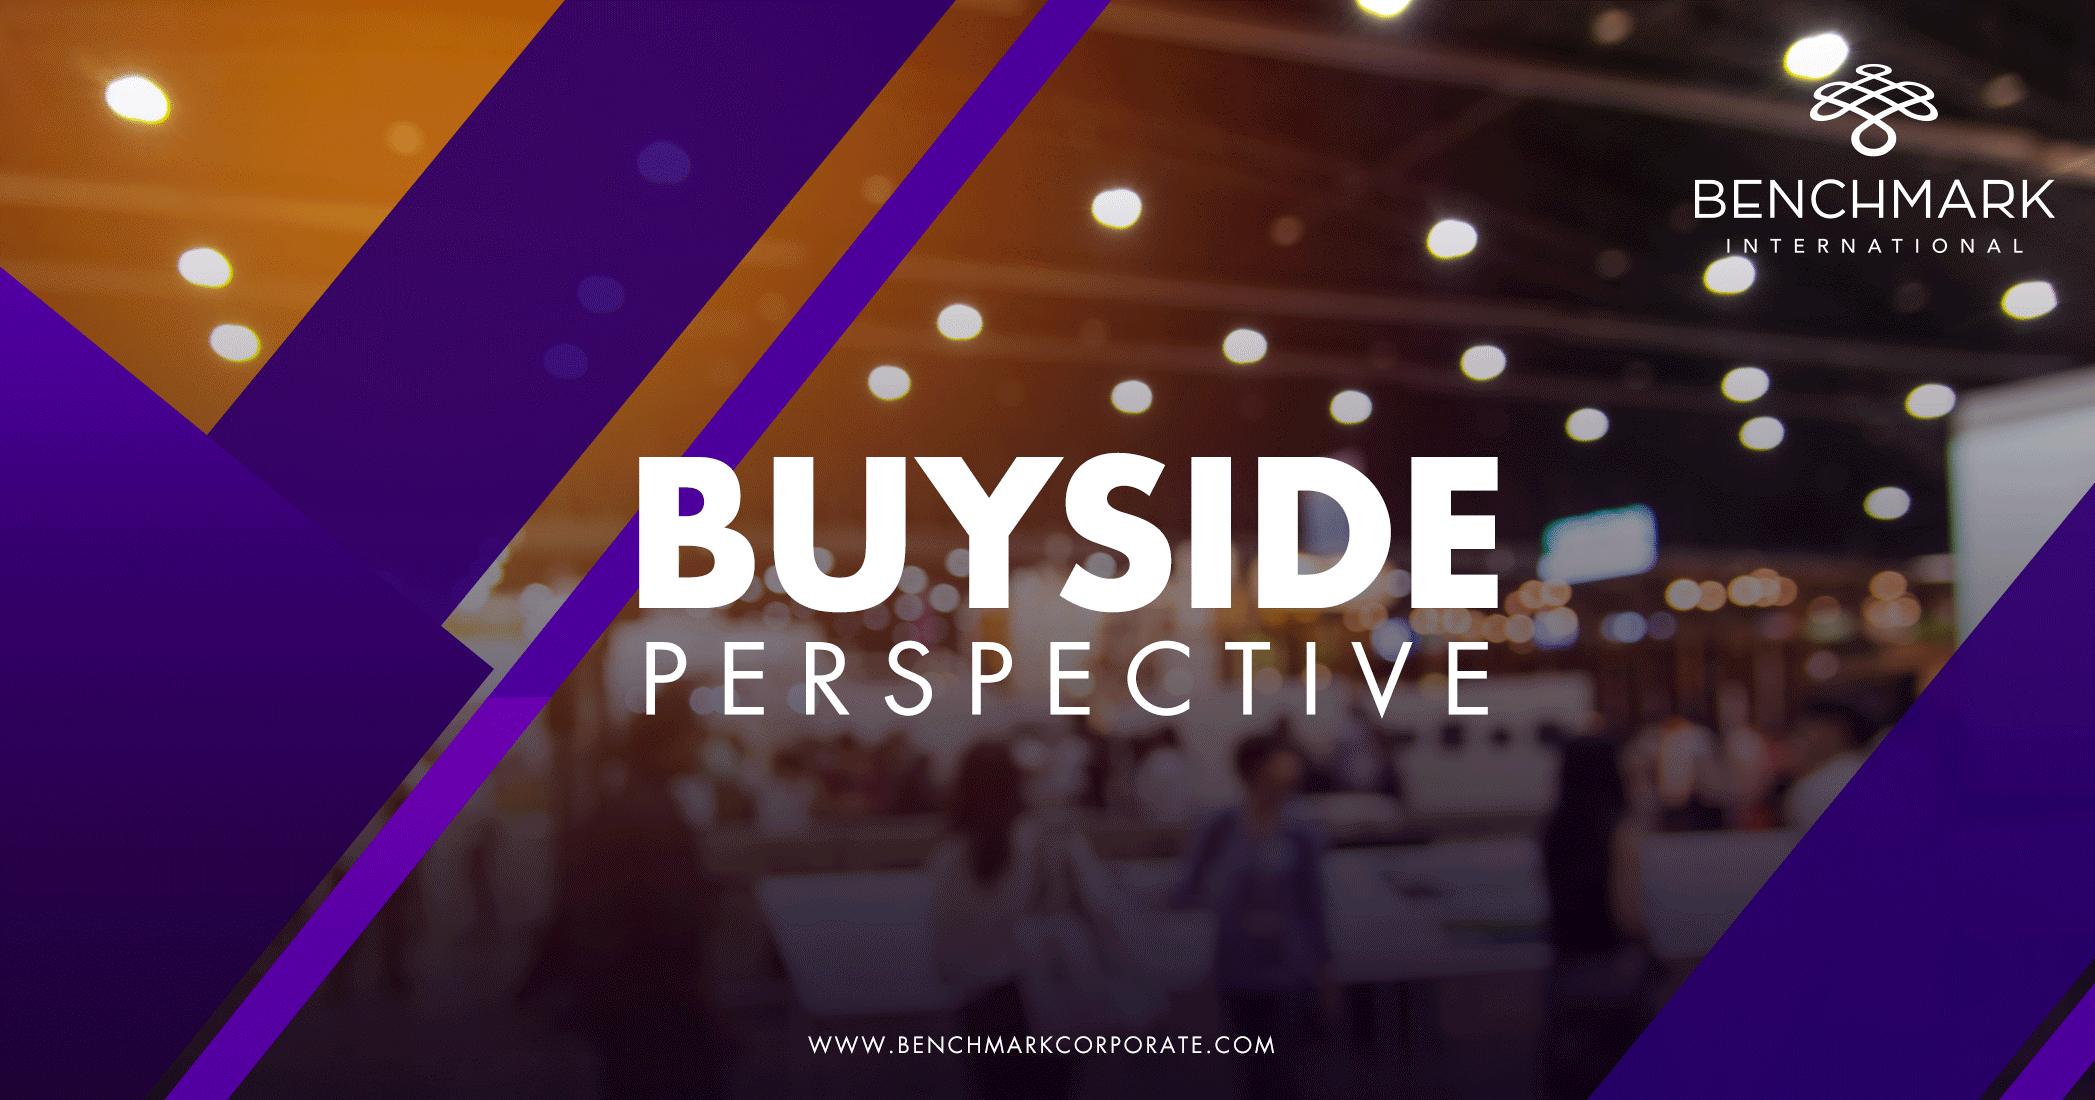 Buyside Perspective